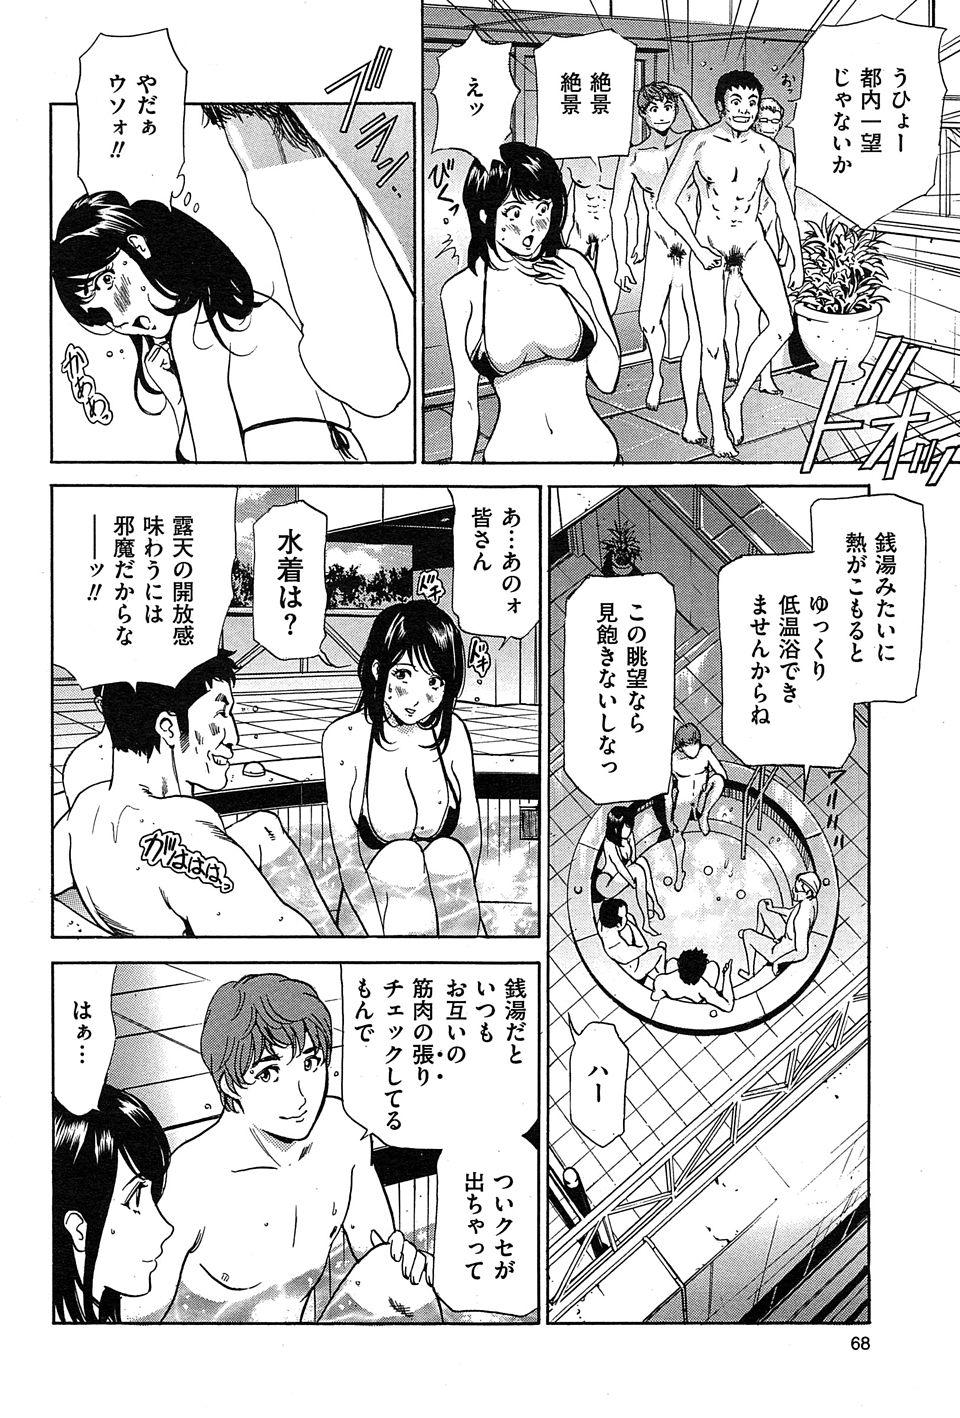 【エロ漫画・エロ同人誌】巨乳OLがジョギングの走友会仲間と乱交エッチしてるwww (8)